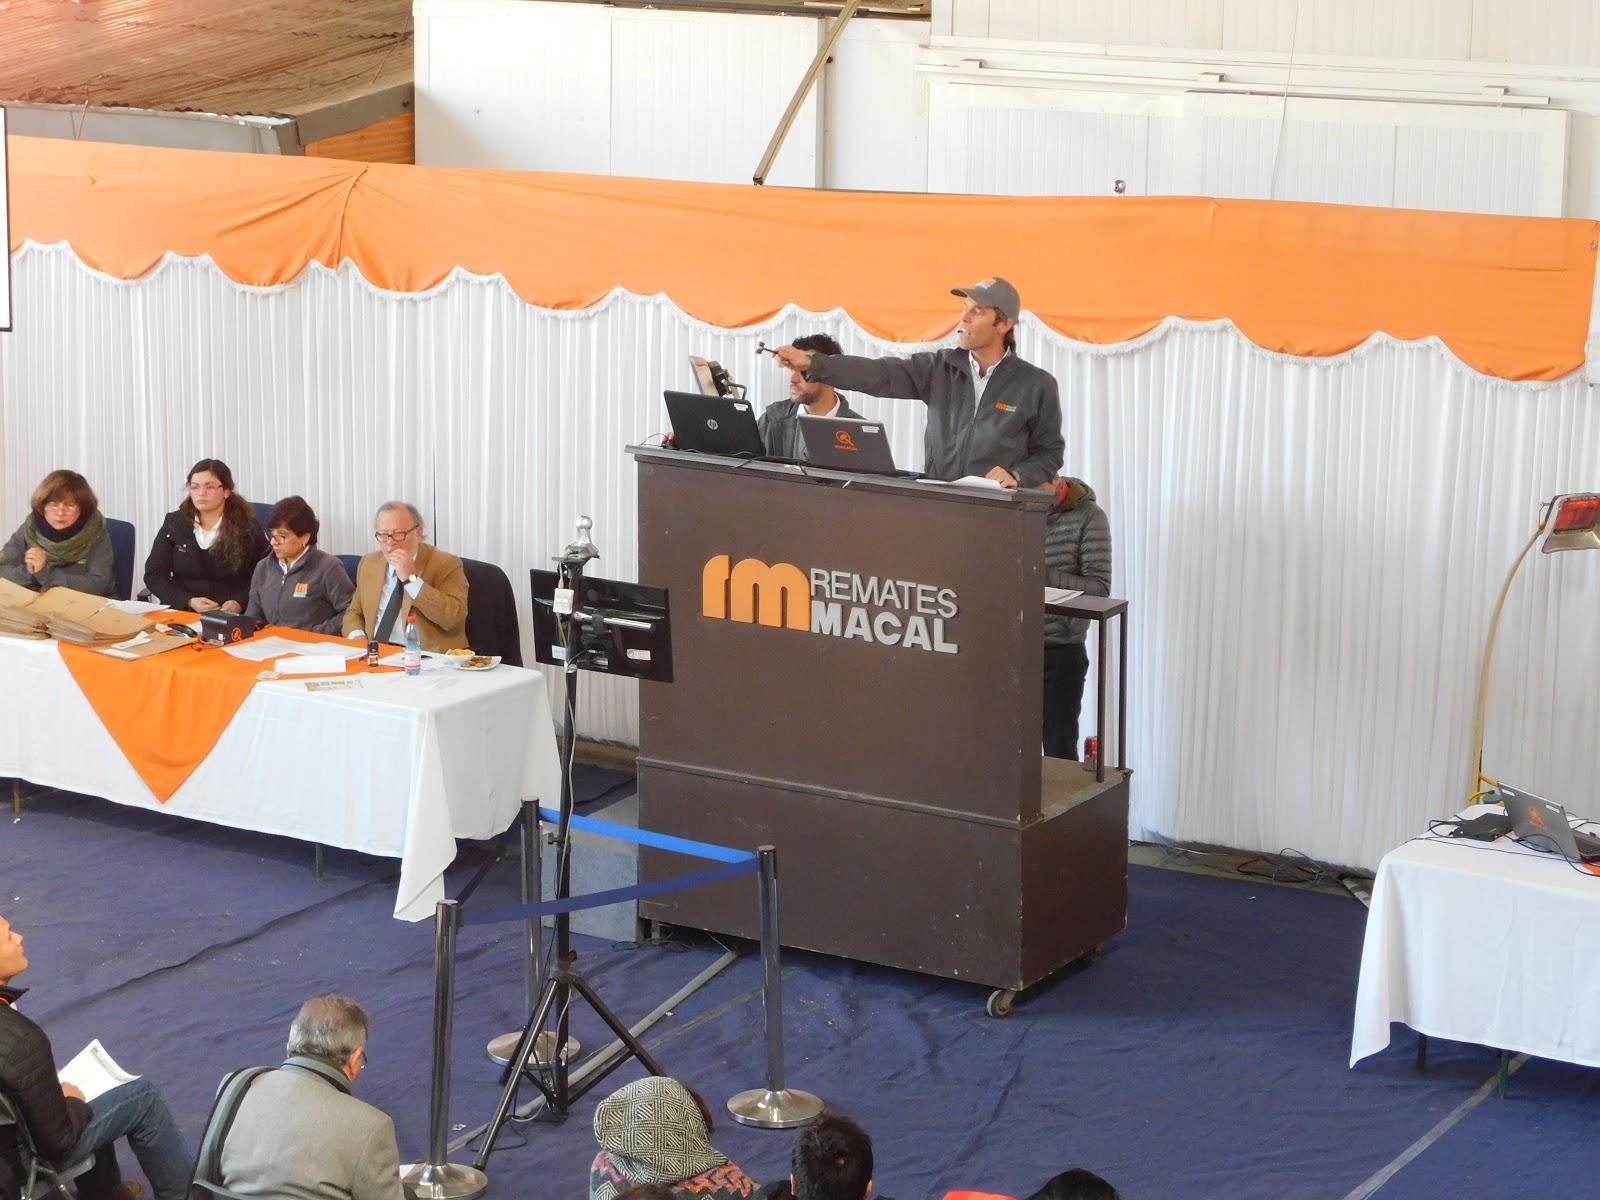 Remates Macal inaugurará la mayor y más moderna sucursal de ...